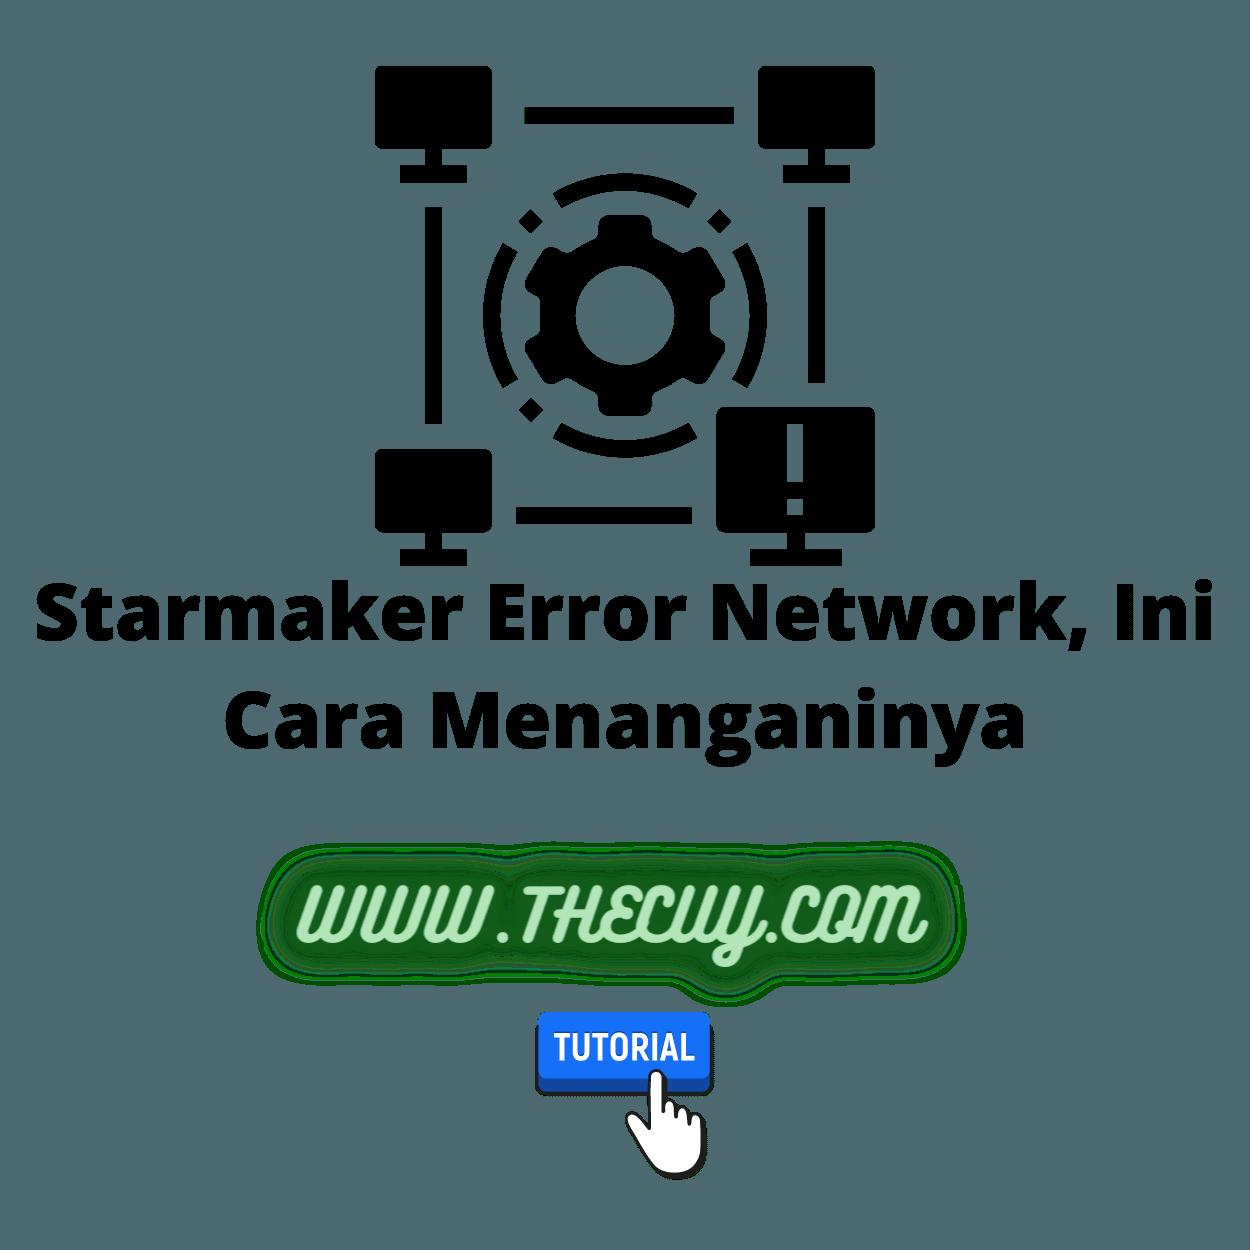 Starmaker Error Network, Ini Cara Menanganinya